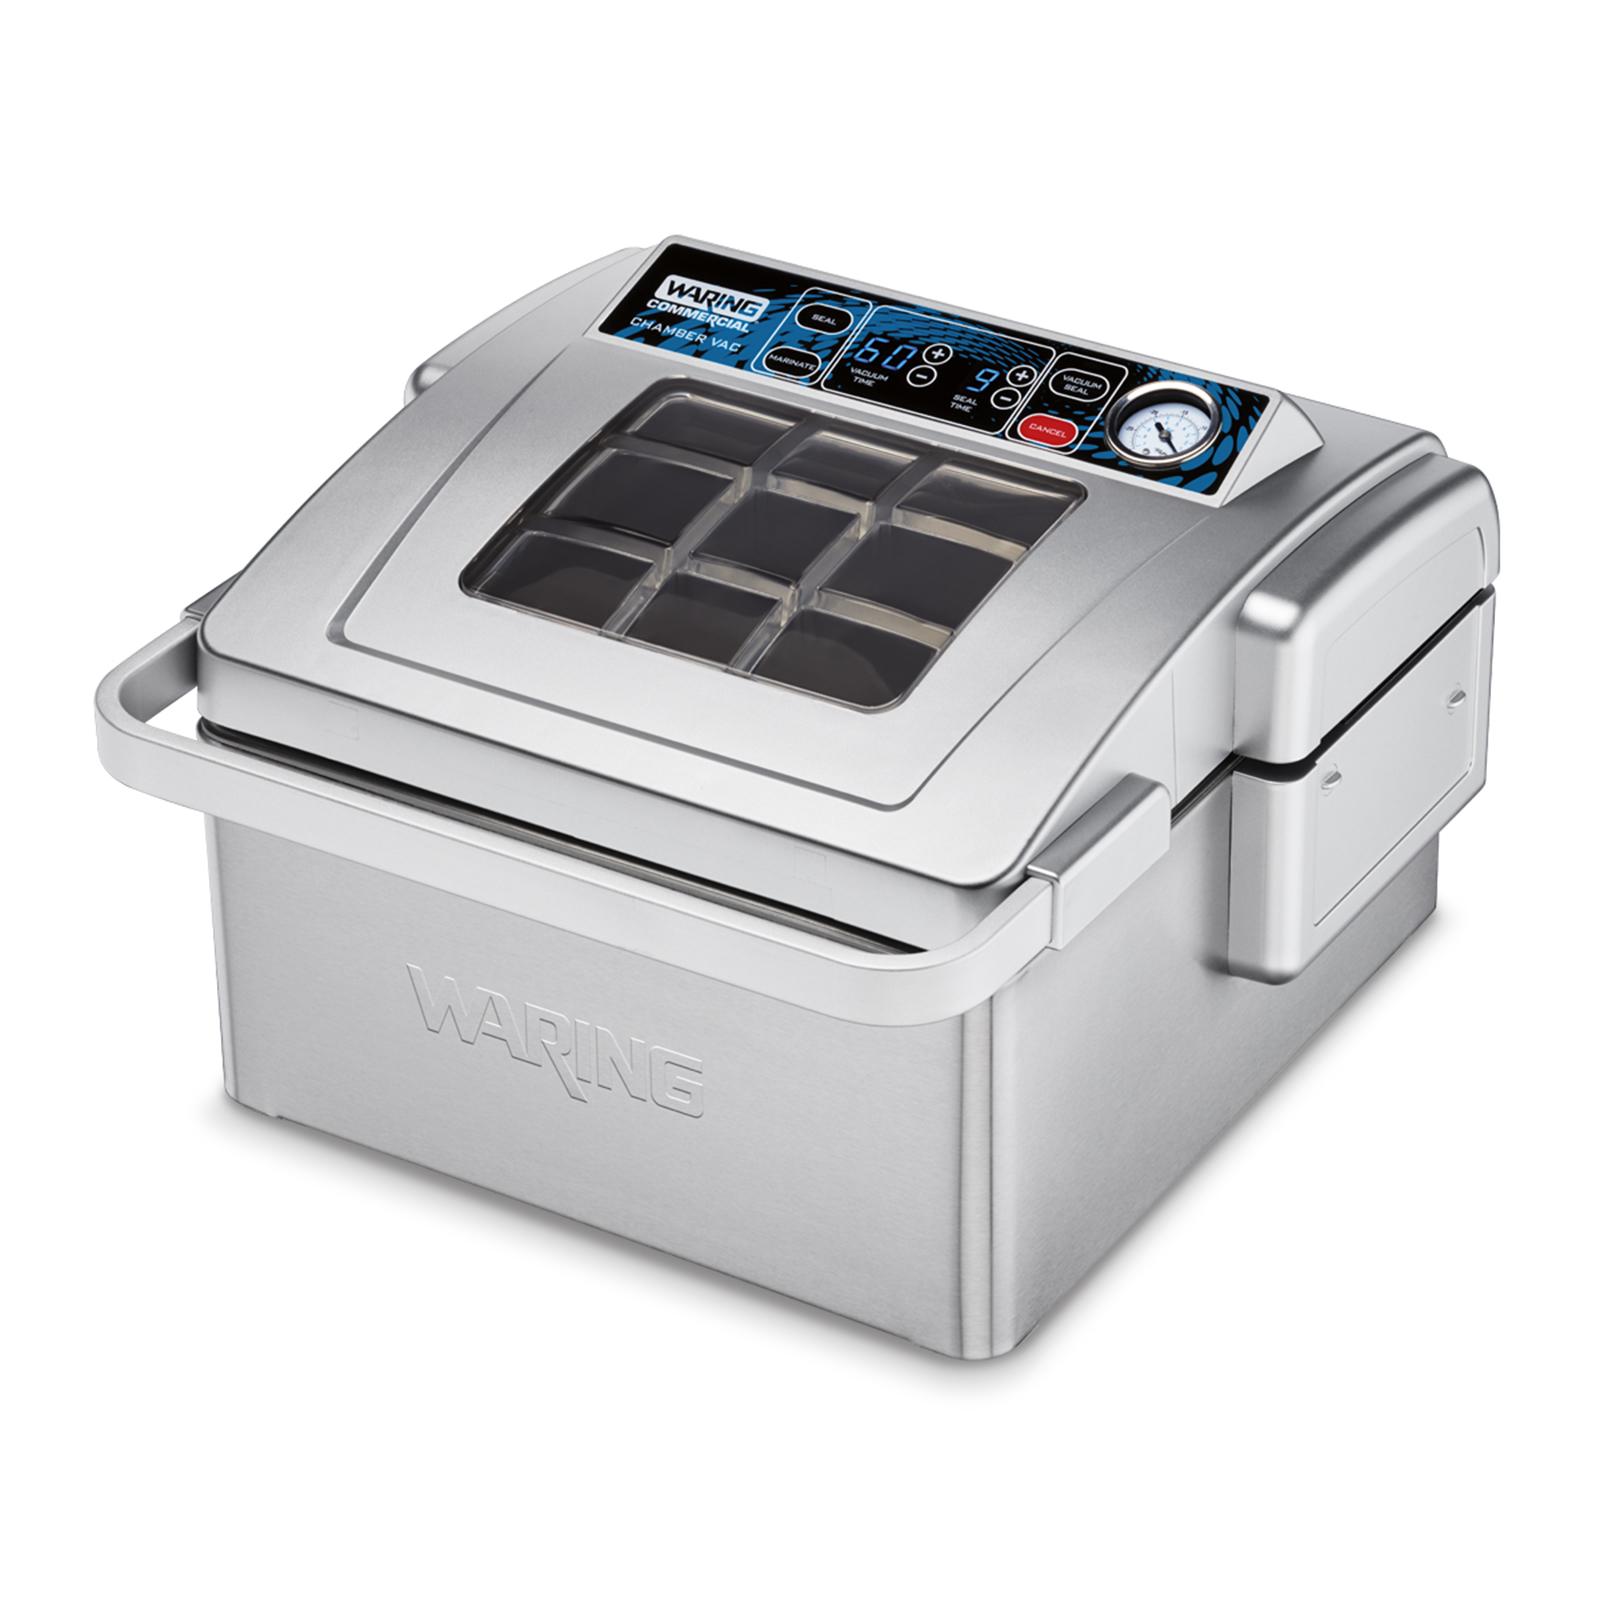 Waring WCV300 food packaging machine